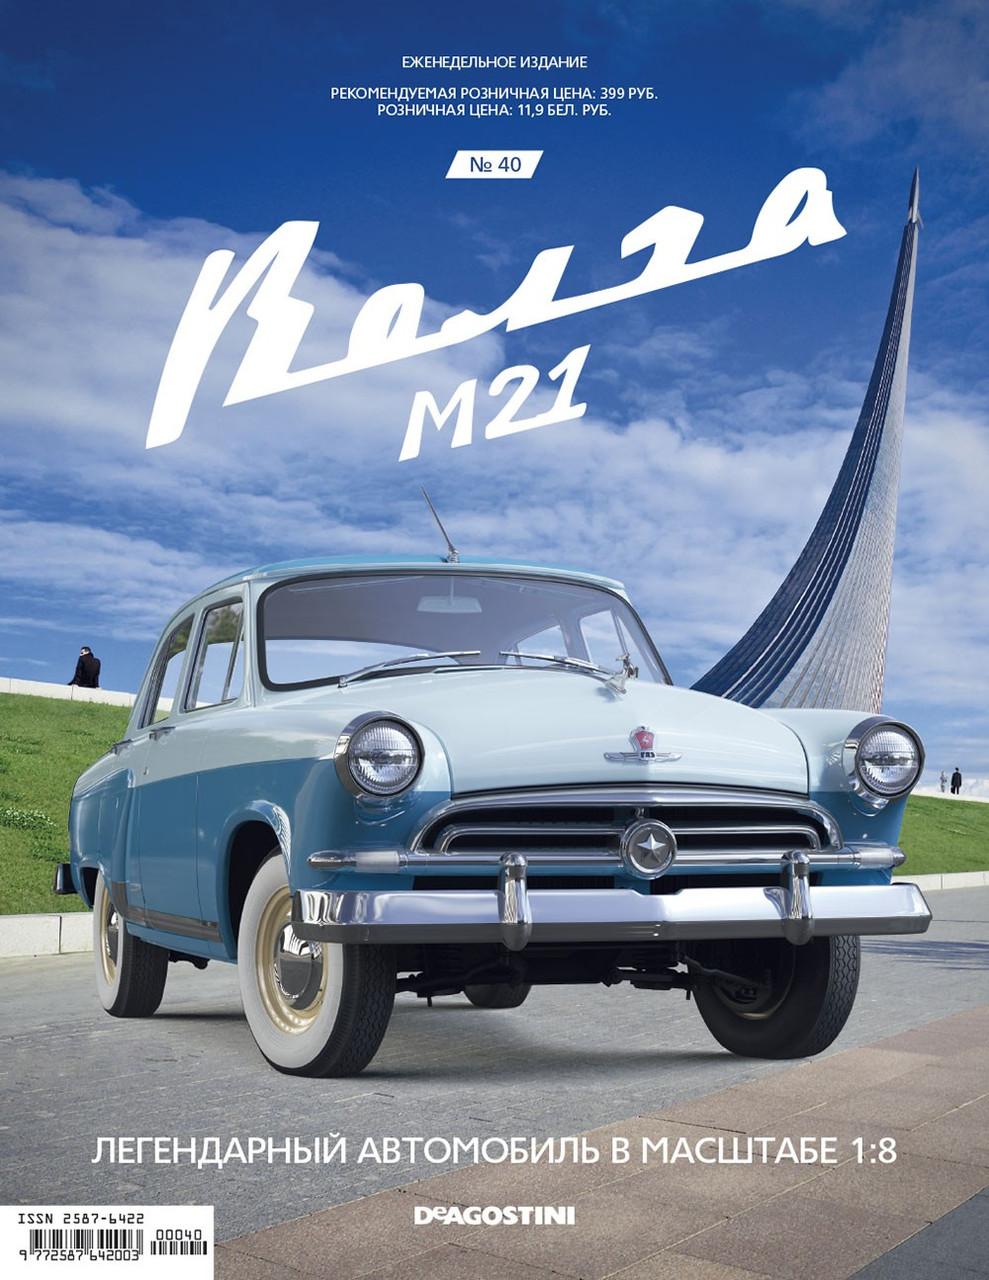 Збірна модель «Волга ГАЗ-М21» ДеАгостини випуск №40 (1:8)